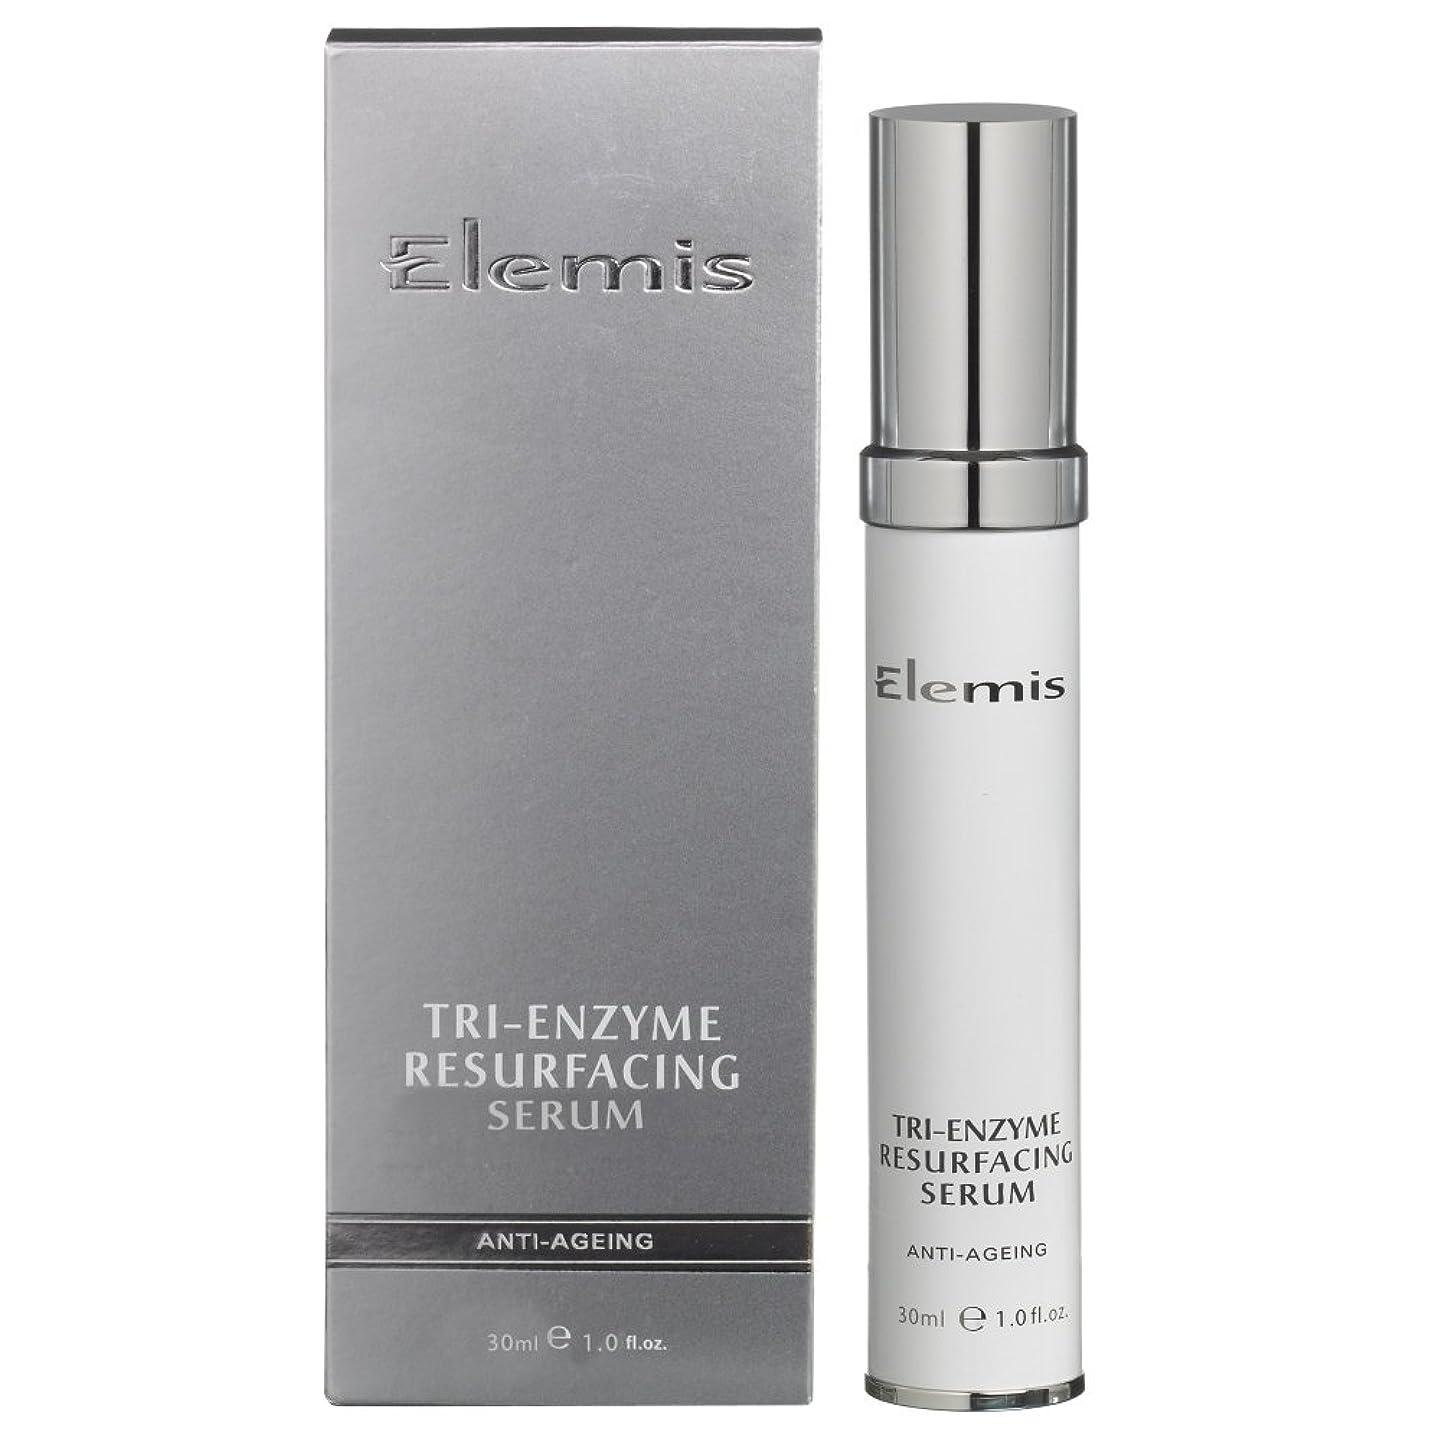 マインド春キャンペーンエレミストライ酵素リサーフェシング血清 (Elemis) (x6) - Elemis Tri-Enzyme Resurfacing Serum (Pack of 6) [並行輸入品]